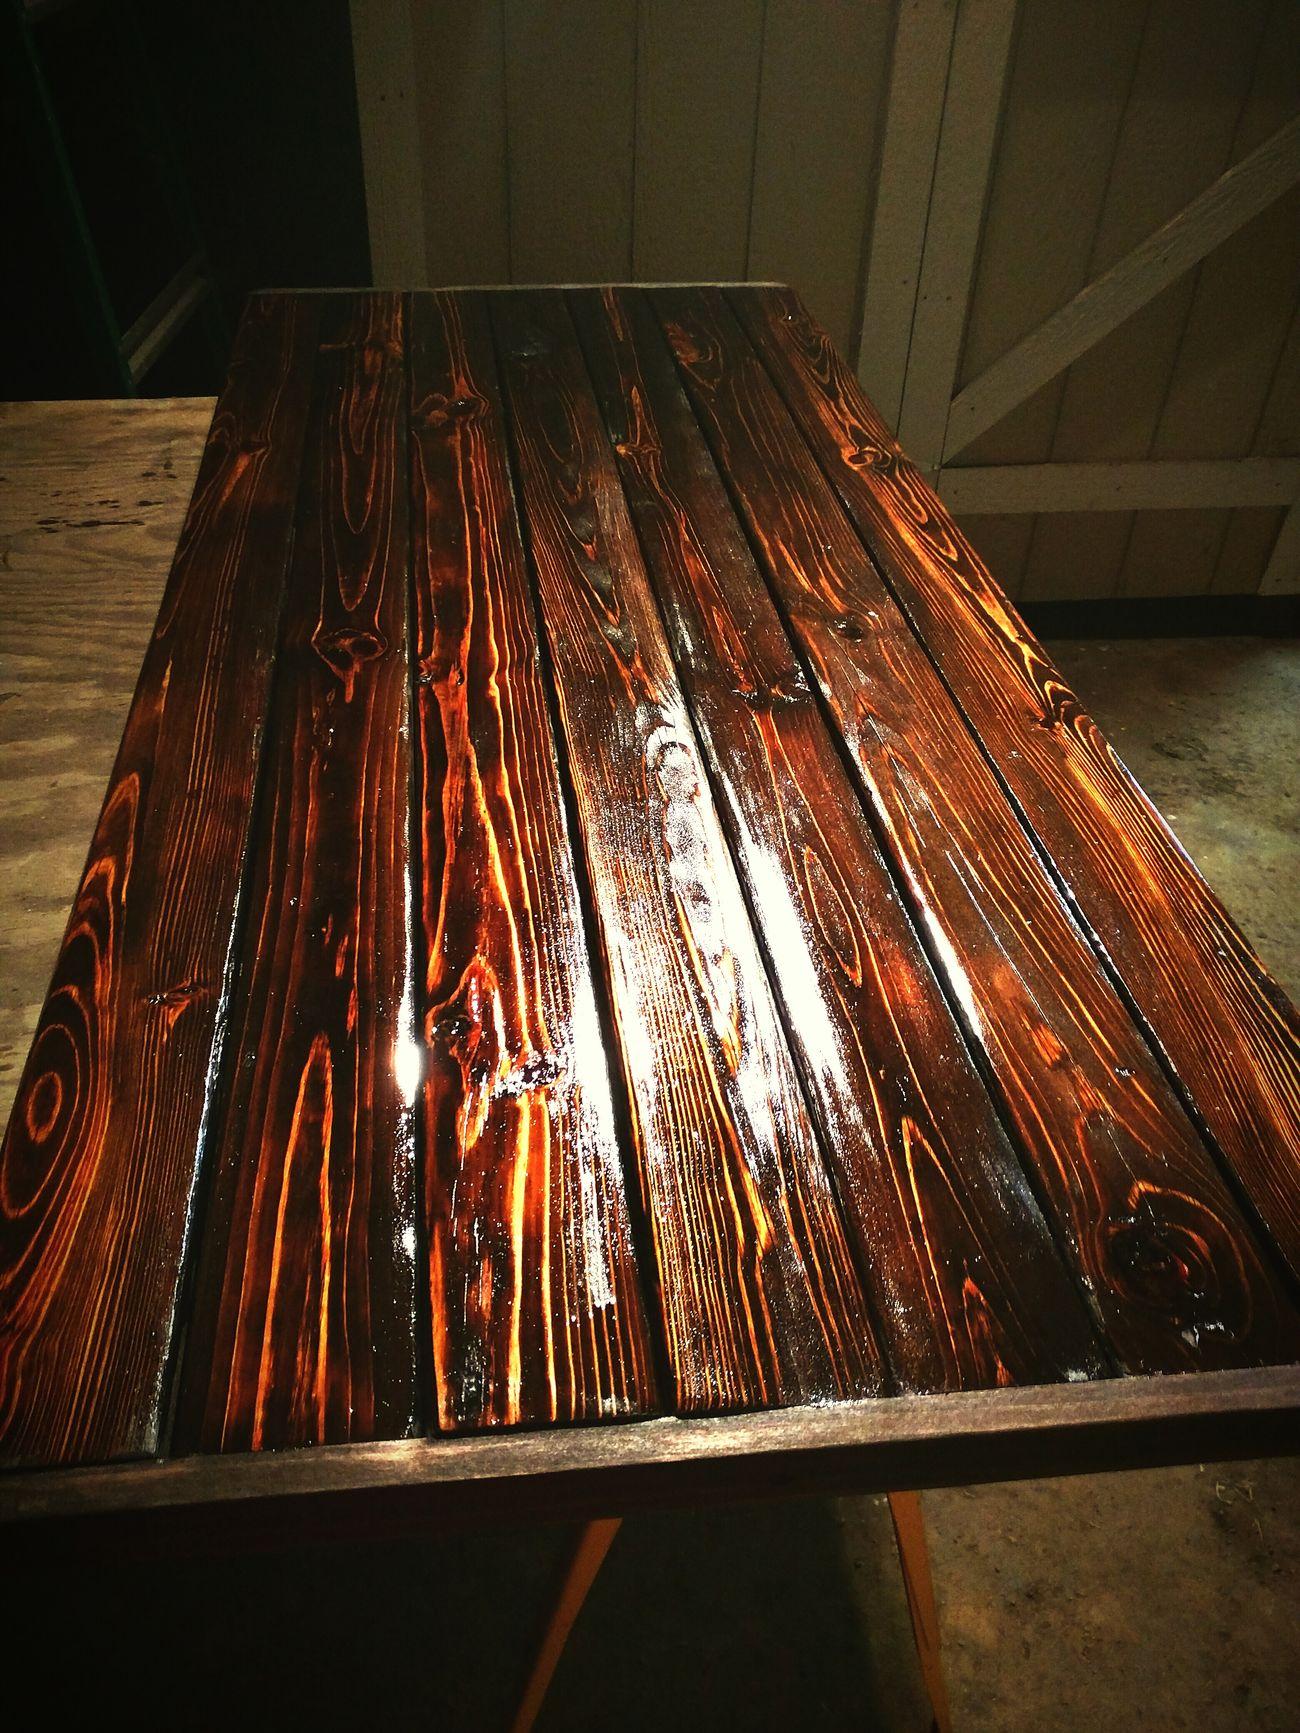 Vintage Reclaimed Barnwood Coffeetable Wood Grain Beauty Red Wood Quality Craftsman Hobbies